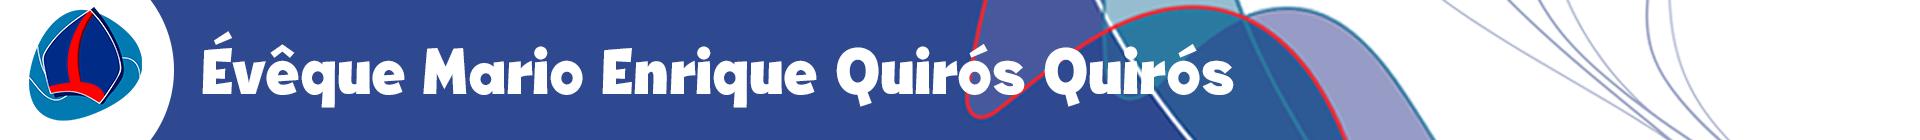 Mario Enrique Quirós-FR